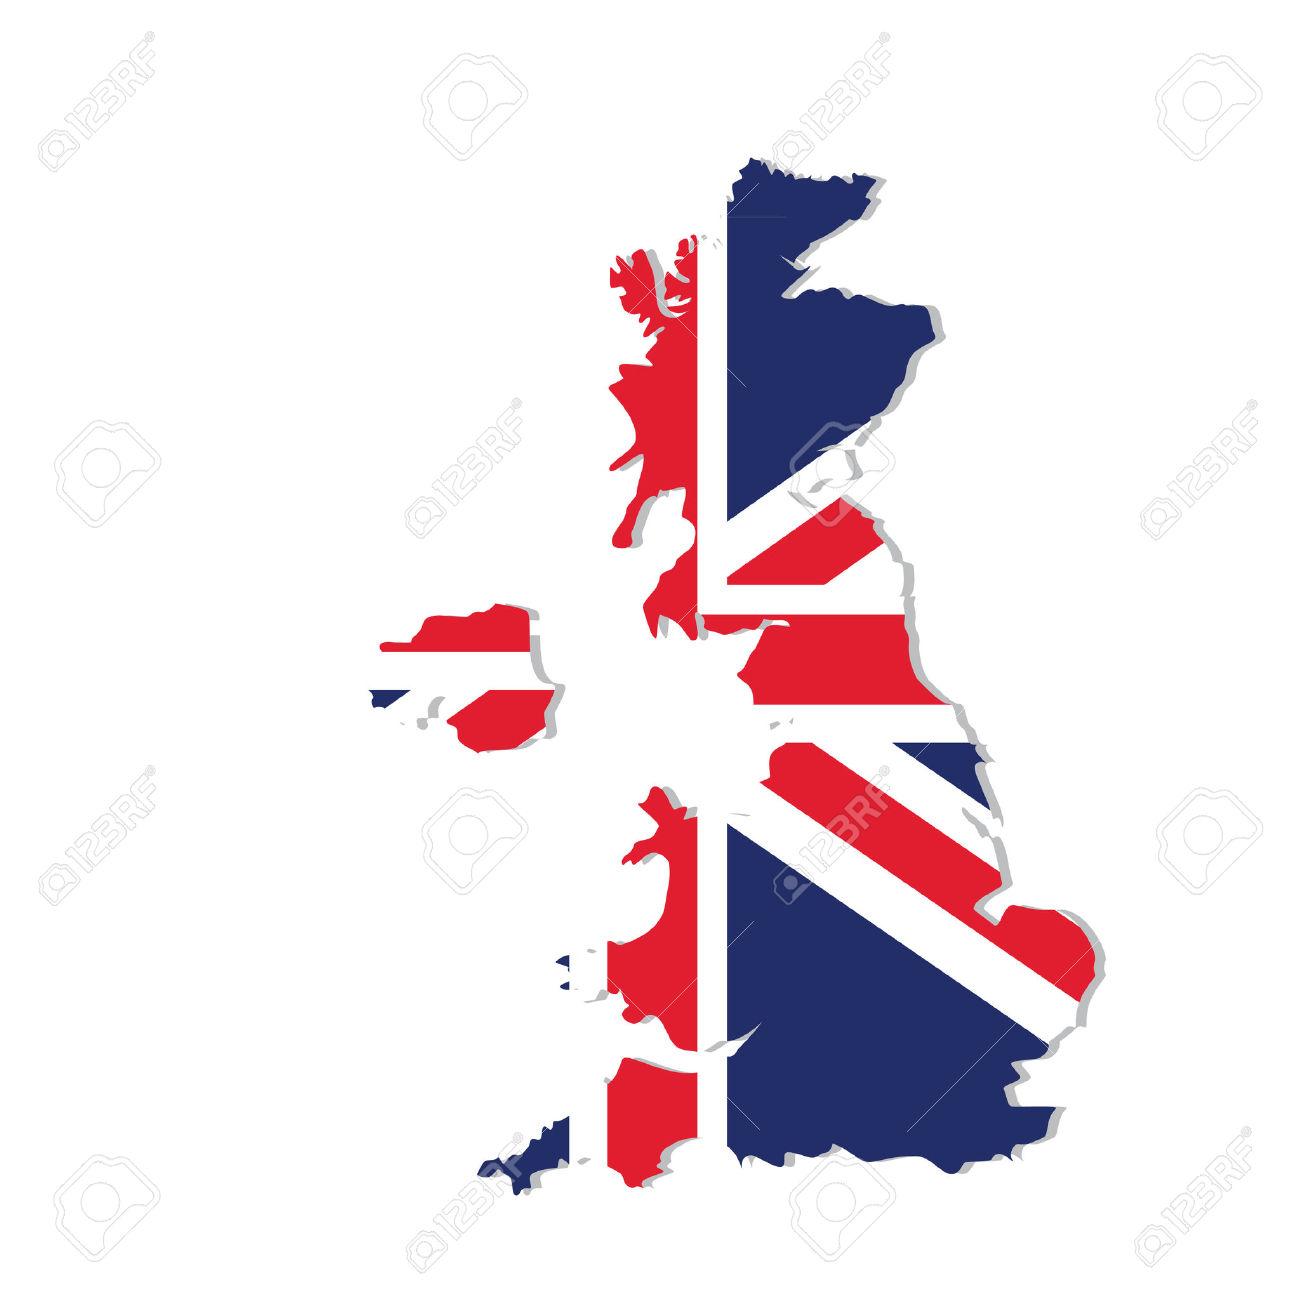 Illustrazione Uk Mappa Con Bandiera. Inghilterra Mappa. Regno.